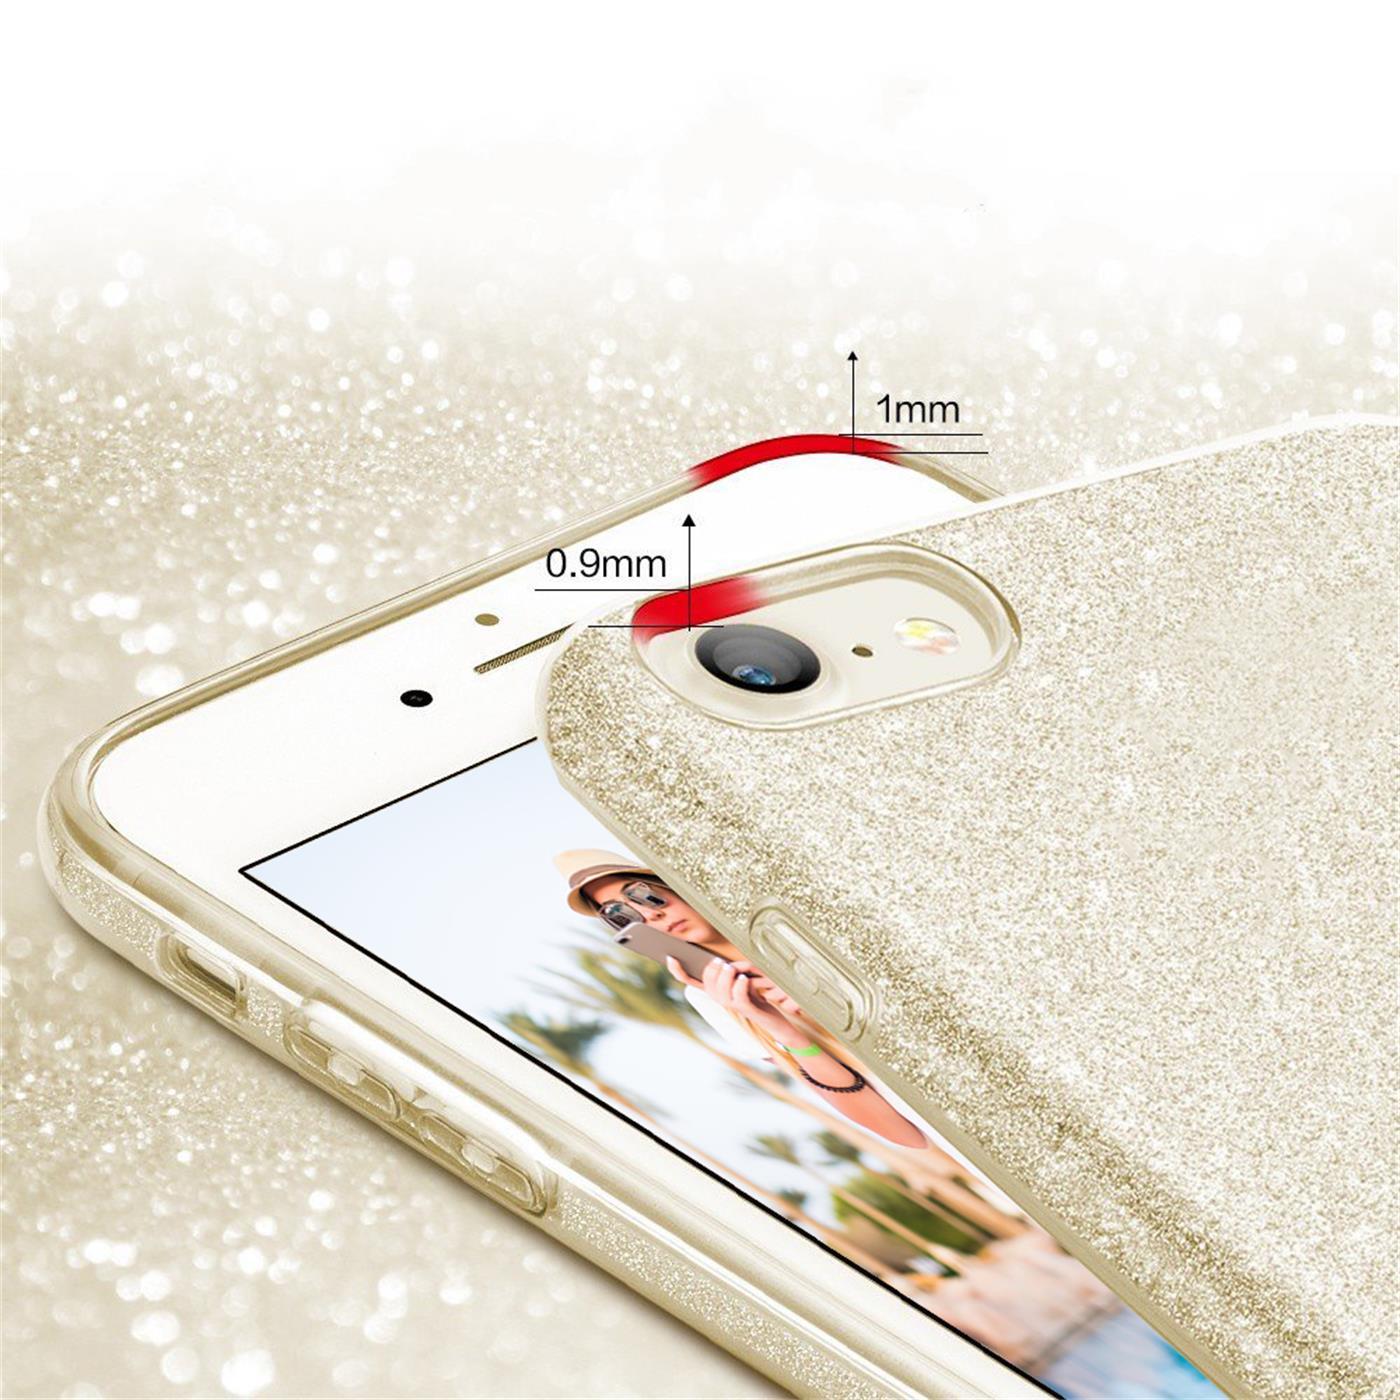 Handy-Glitzer-Huelle-fuer-Apple-iPhone-Slim-TPU-Cover-Case-Silikon-Schutz-Tasche Indexbild 6